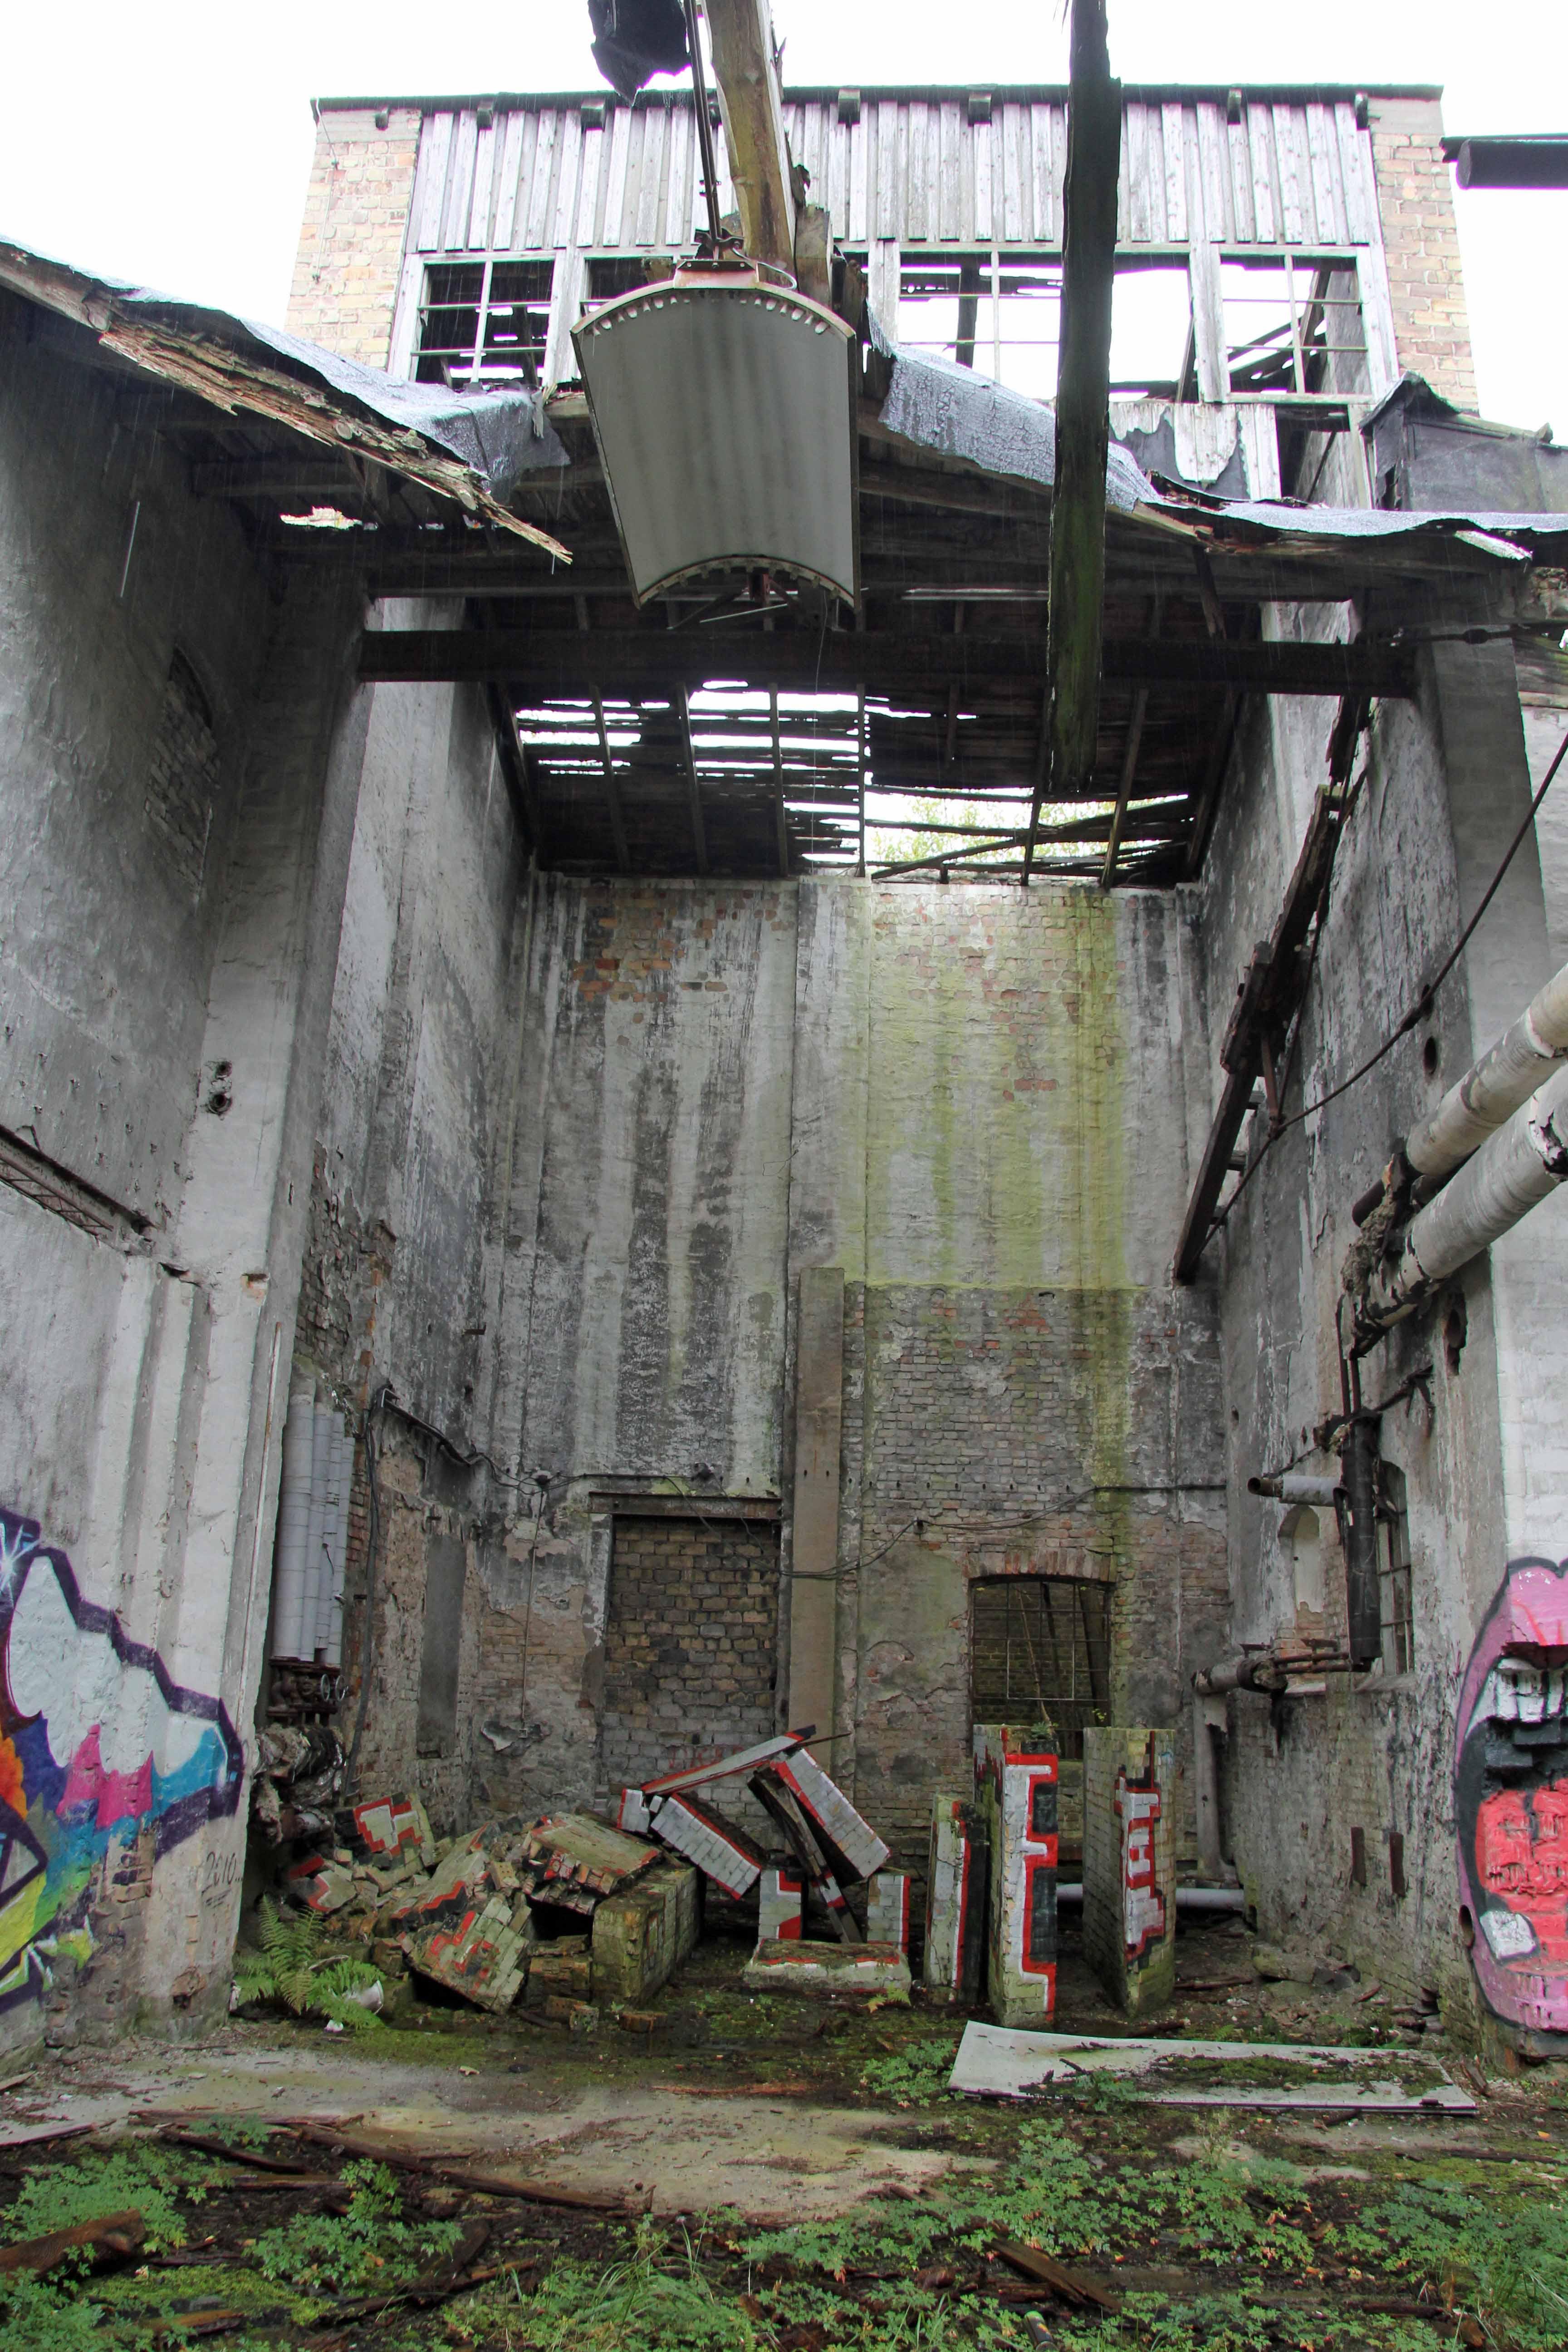 Missing Roof Papierfabrik Wolfswinkel, an abandoned paper mill near Berlin